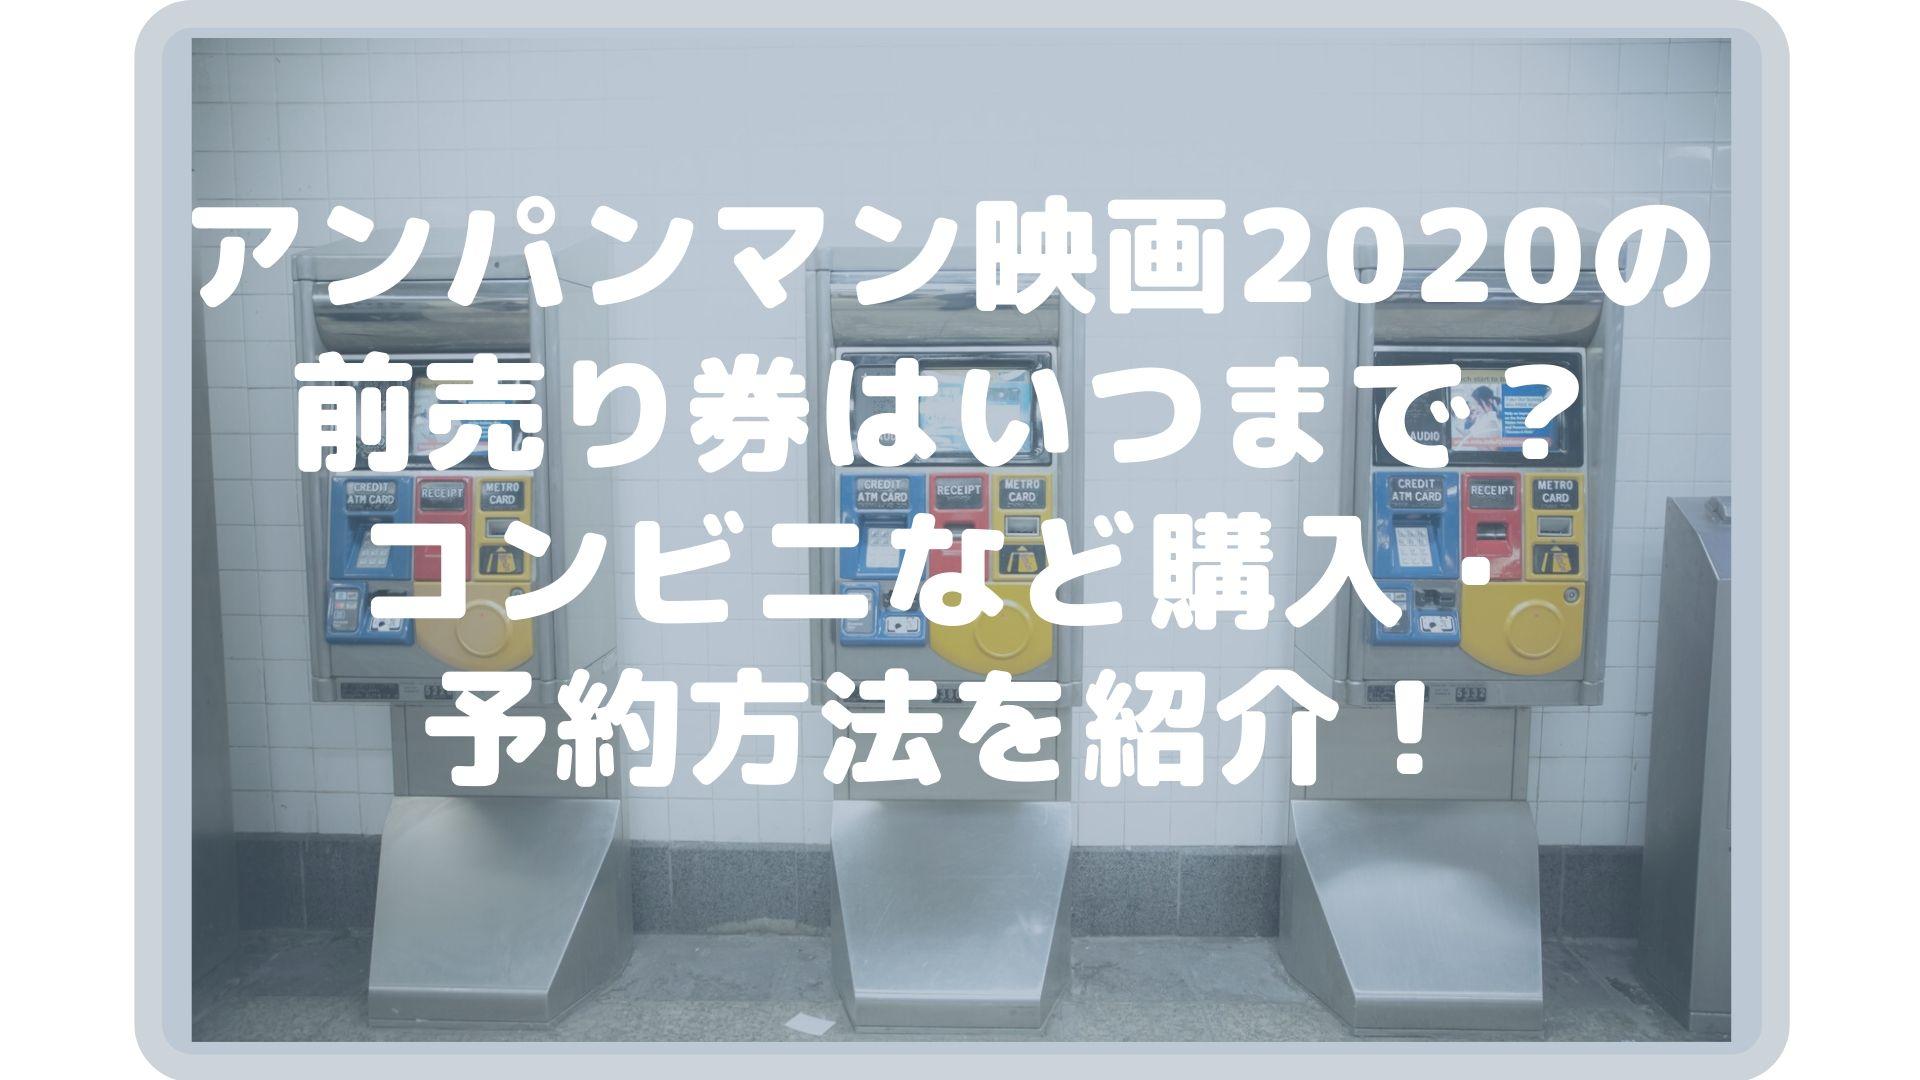 アンパンマン映画2020の前売り券はいつまで?コンビニなど購入・予約方法を紹介!のタイトル画像